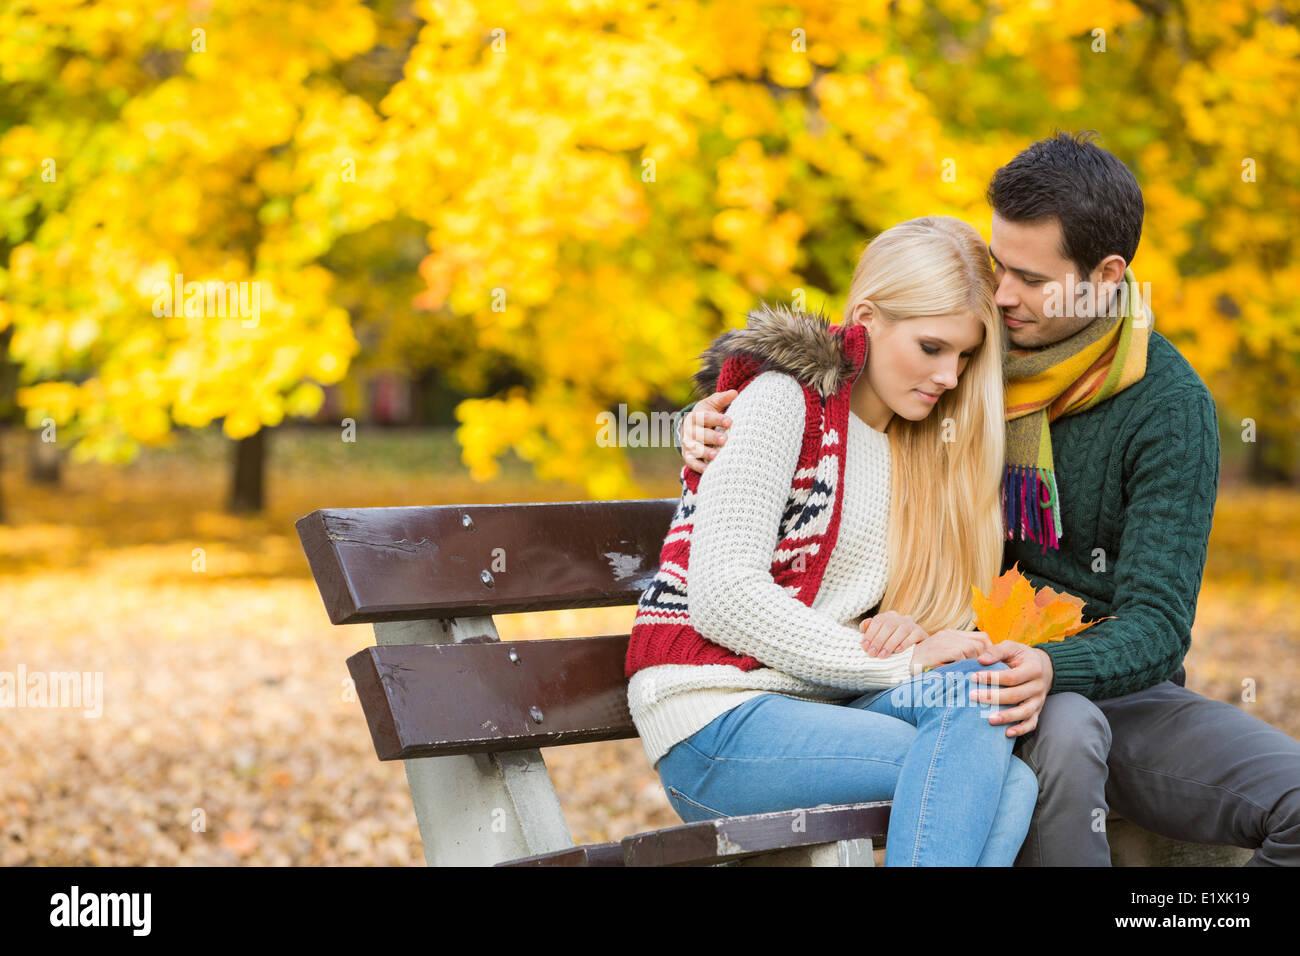 Amare giovane costeggiata donna timida su una panchina nel parco durante l'autunno Immagini Stock